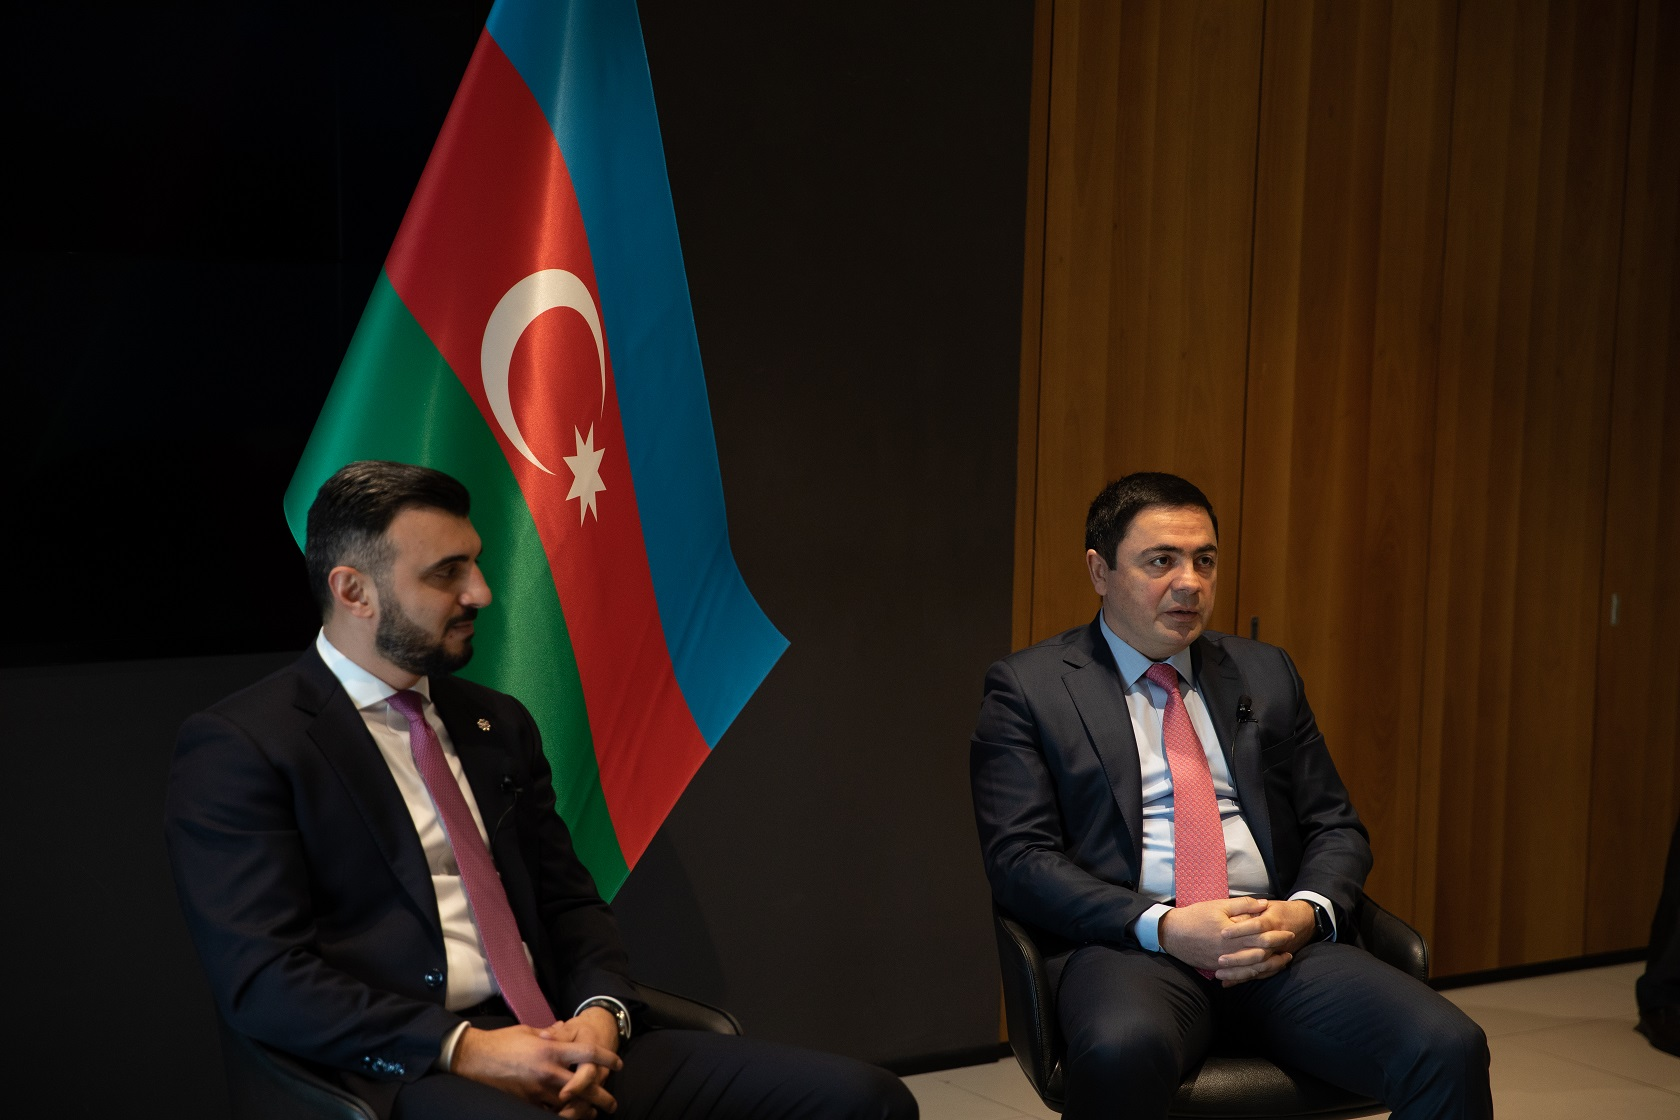 PAŞA Bank və Deloitte Azərbaycan şirkətinin təşkilatçılığı ilə kiçik və orta sahibkarlığa həsr olunan tədbir keçirilib